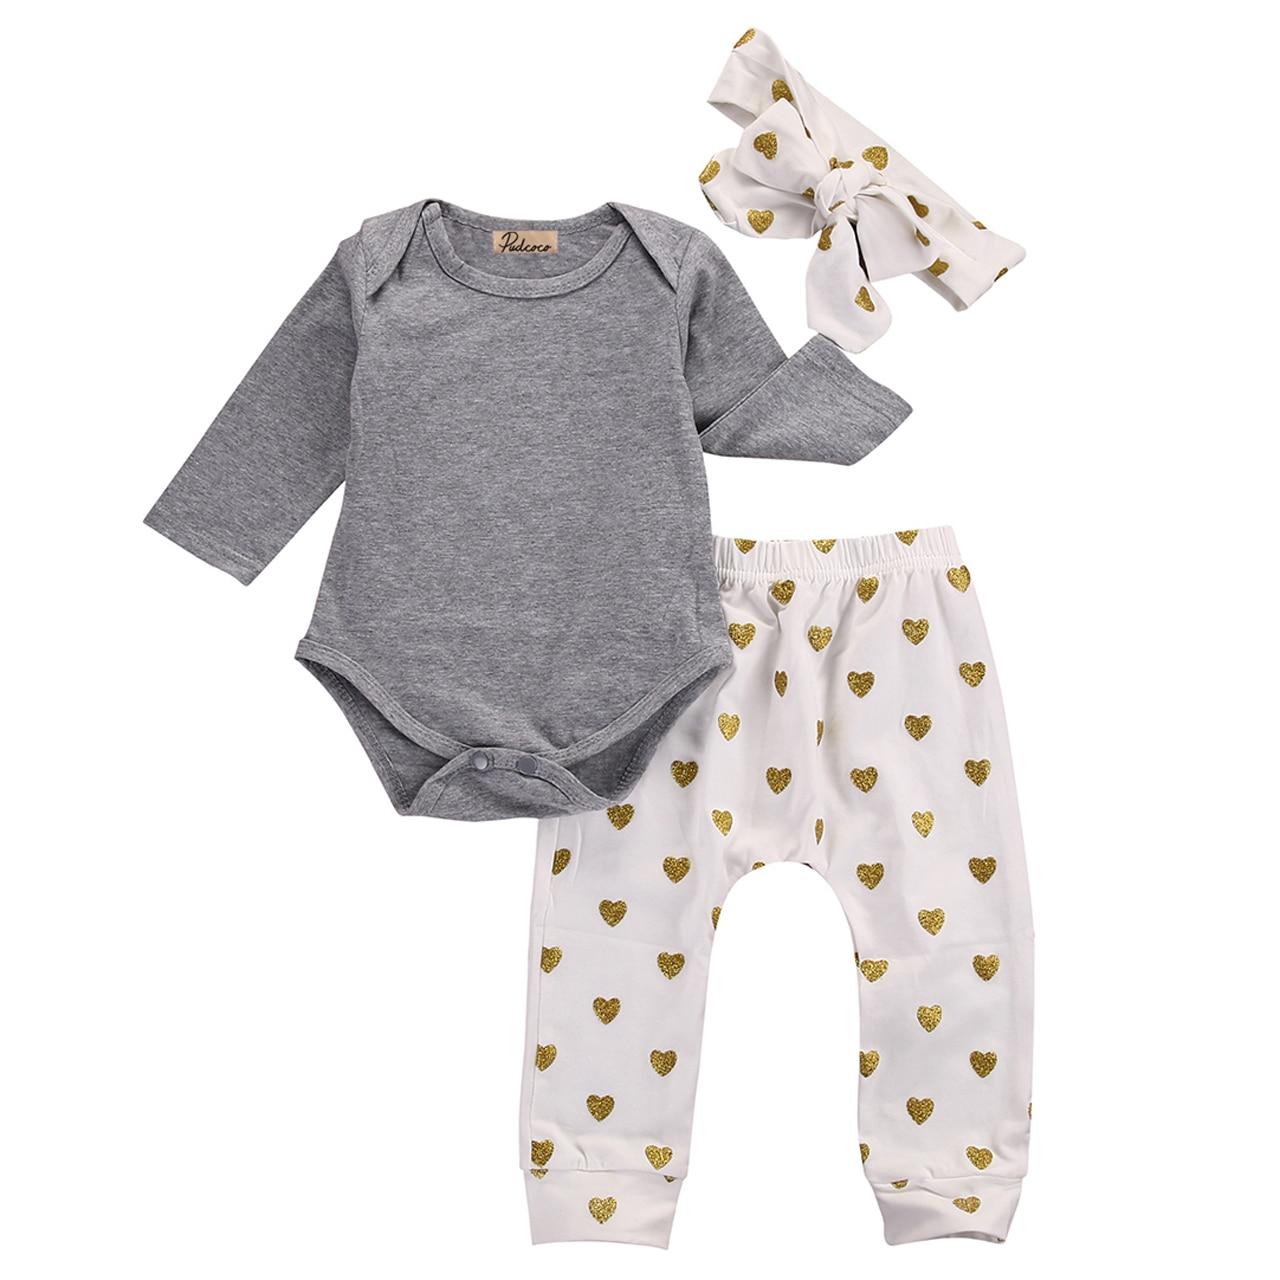 Одежда для новорожденных девочек хлопковый комбинезон с длинными рукавами, топ + золотые штаны с сердечками, повязка на голову комплект одежды для малышей от 0 до 24 месяцев